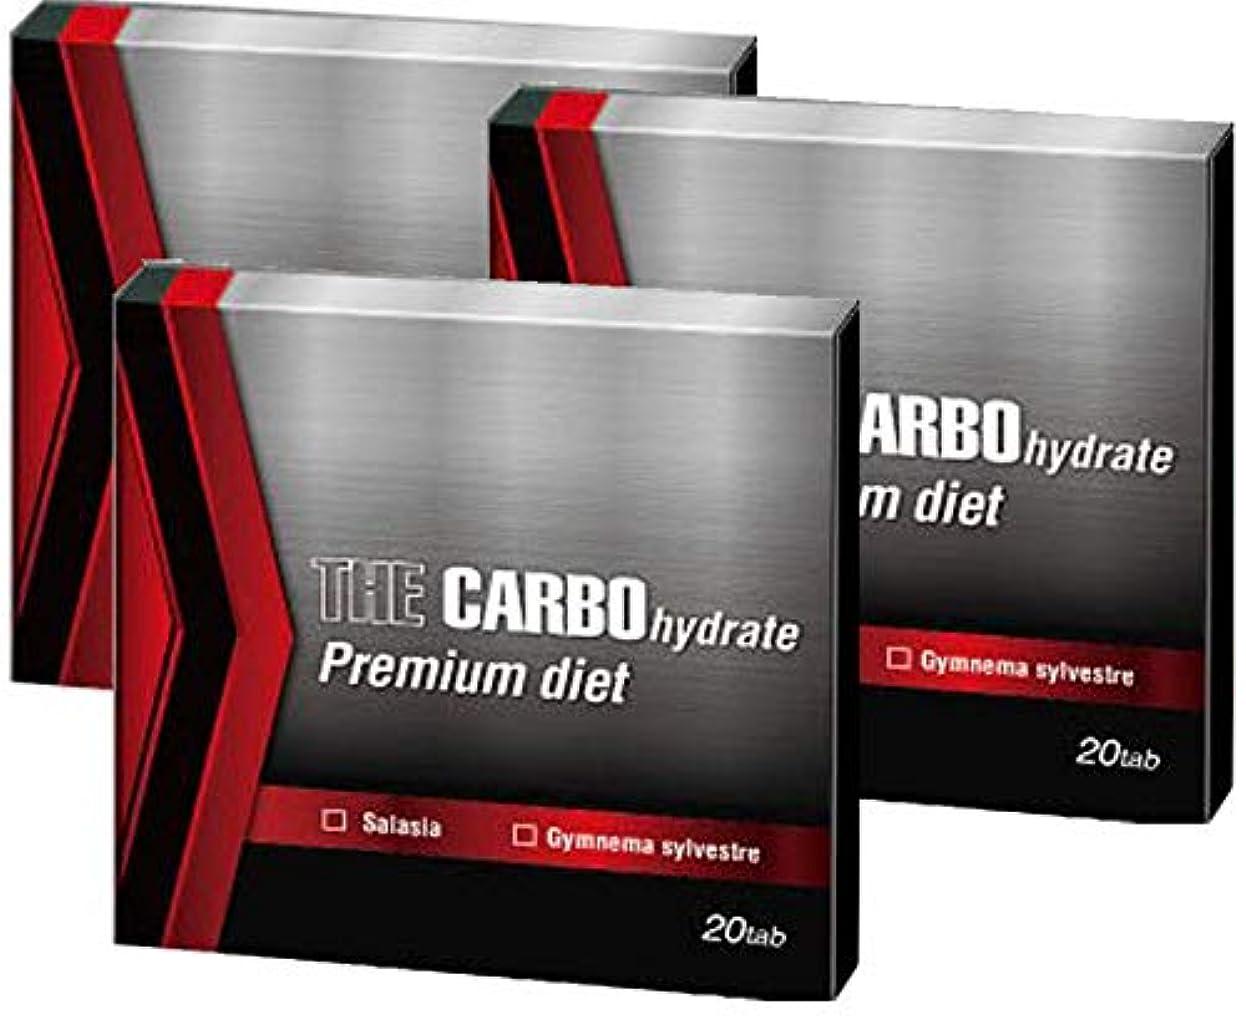 パン屋ほとんどないあごひげザ?糖質プレミアムダイエット20Tab×3箱セット〔THE CARBO hydrate Premium daiet〕